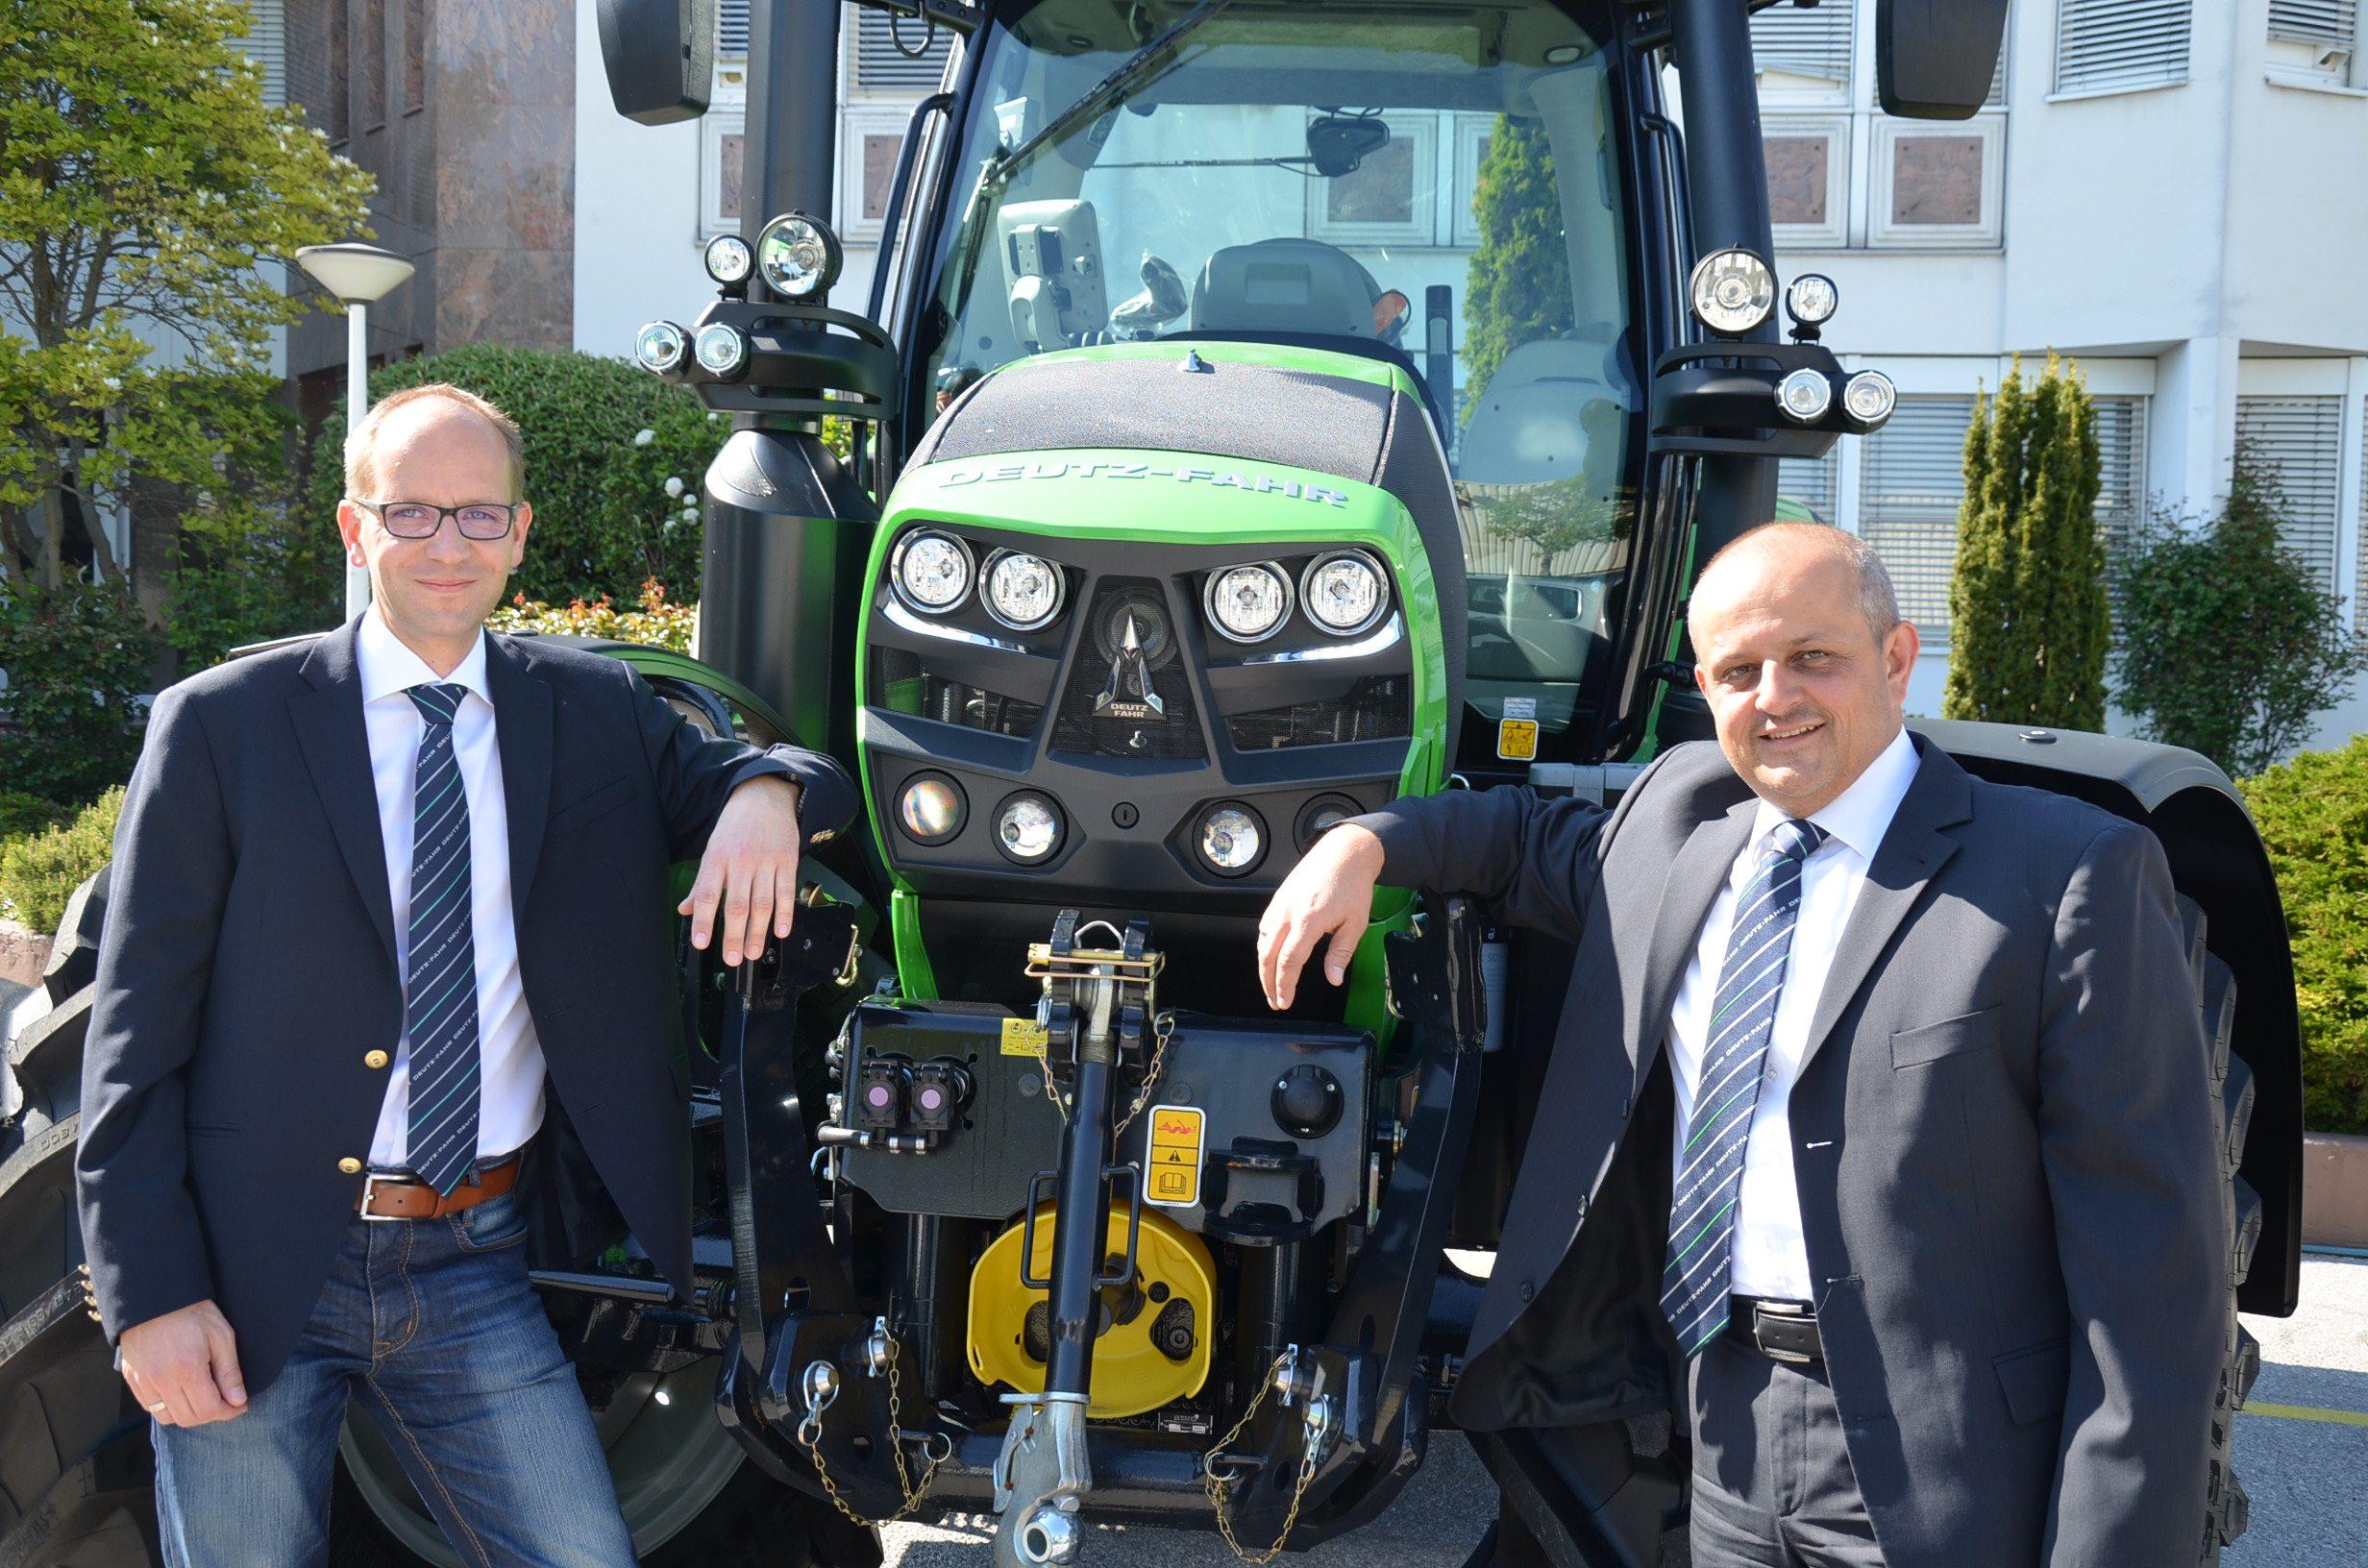 Christian Birsak auf der linken Seite von einem Deutz-Fahr Traktor und Wolfgang Halper auf der rechten Seite